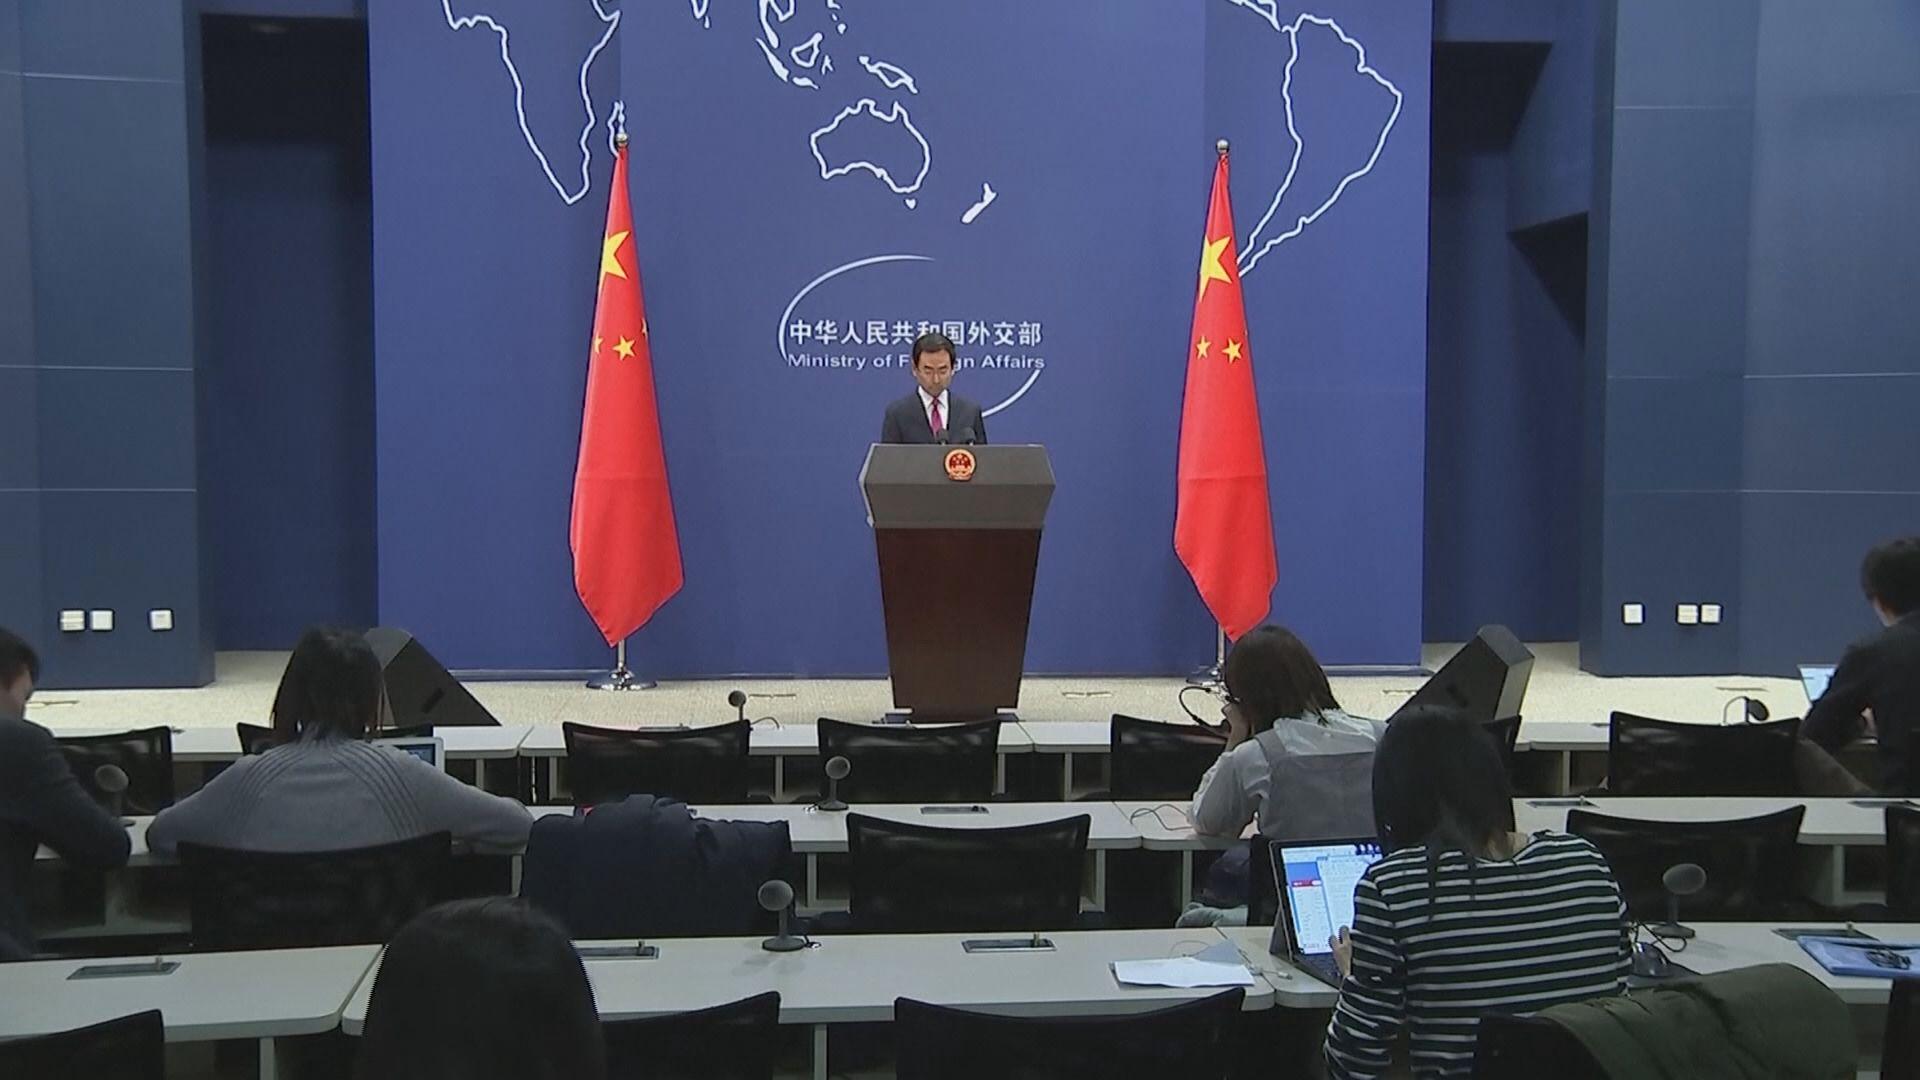 【華為風暴】快保釋聆訊!外交部:美加仍未提供孟晚舟罪證